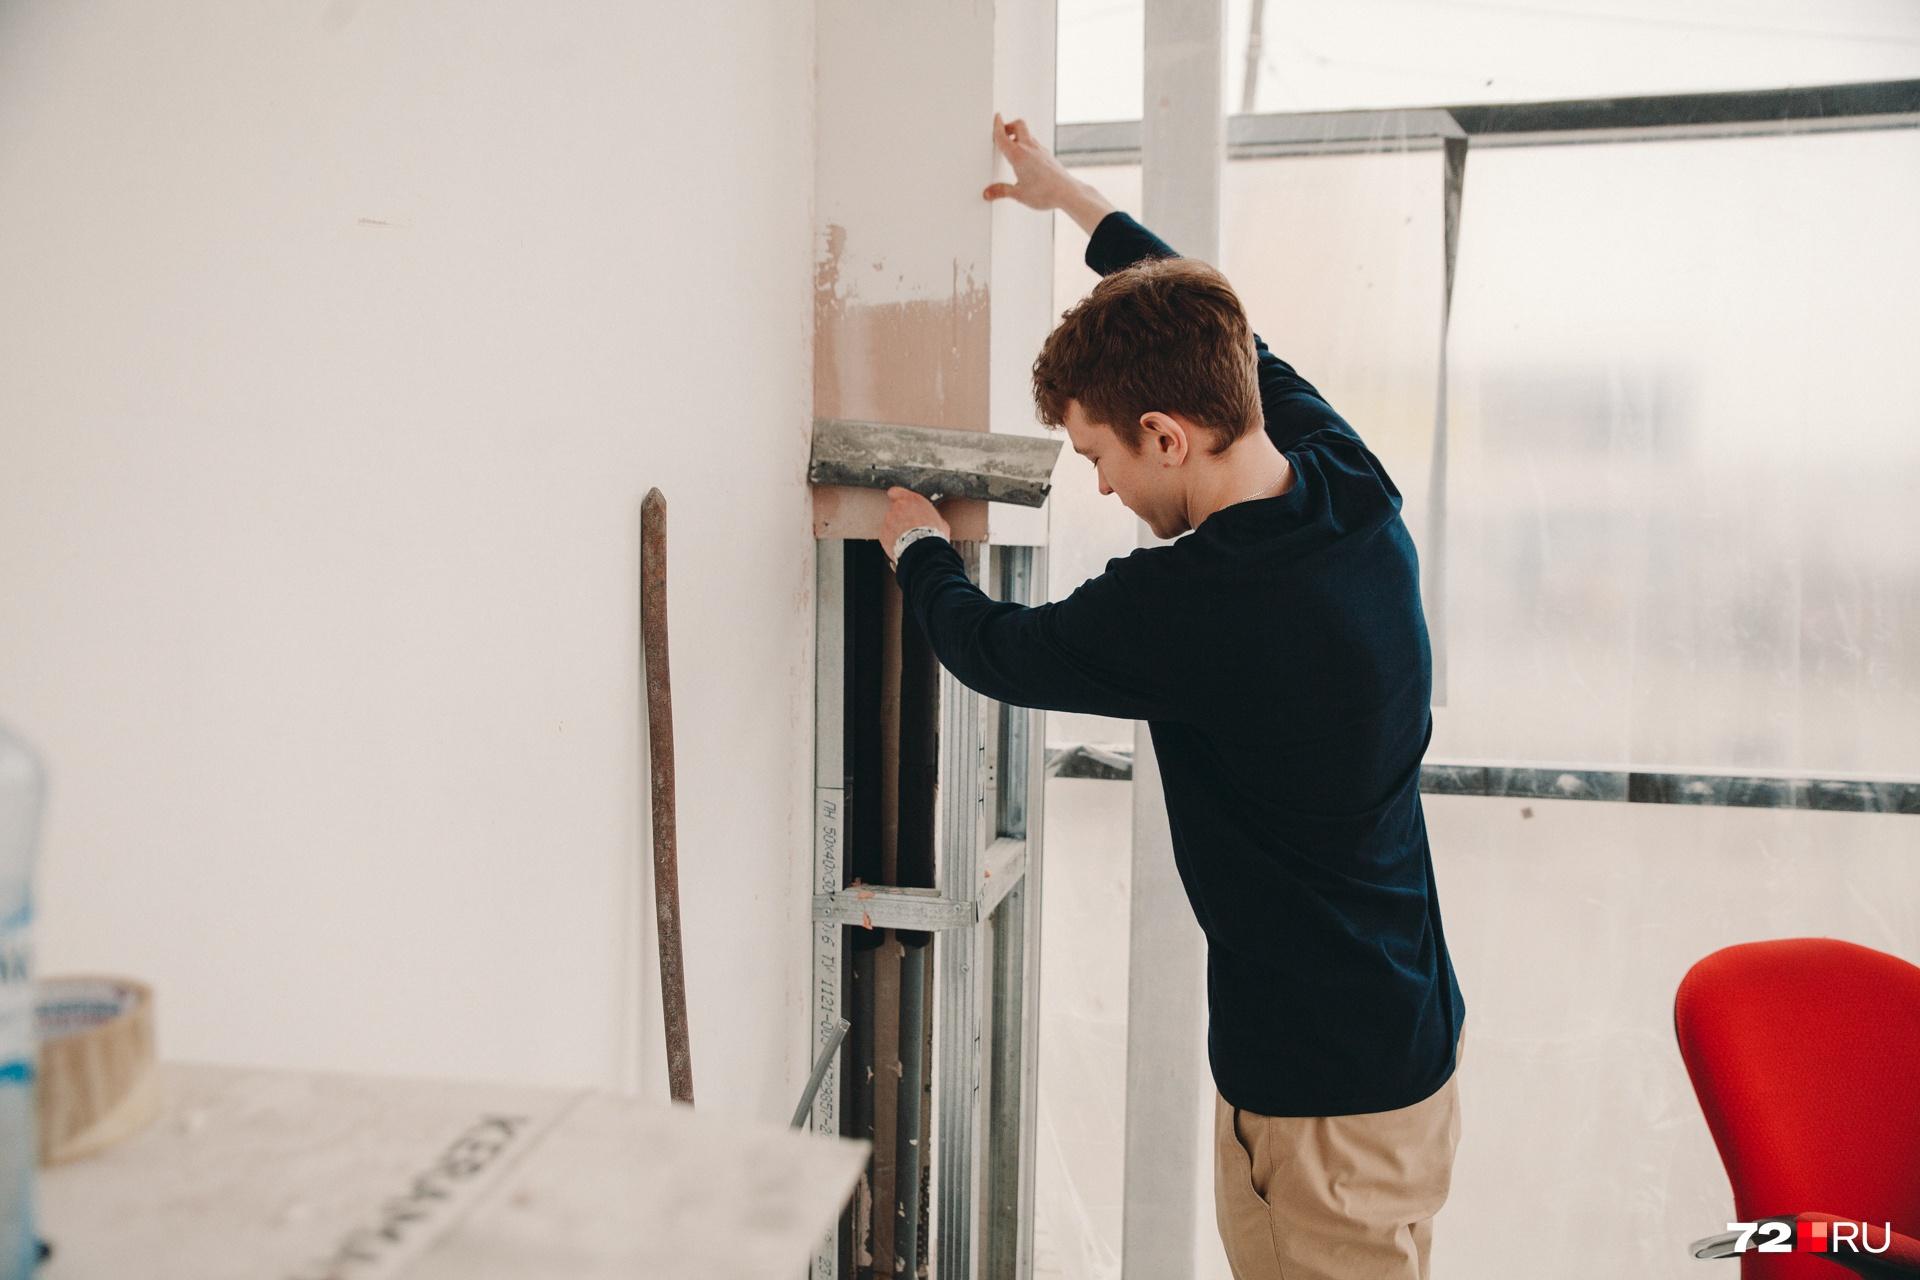 Ремонт тоже требует вложений, чтобы на чем-то сэкономить или быстрее сделать все отделочные работы, Степан Загваздин сам берет в руки строительные инструменты